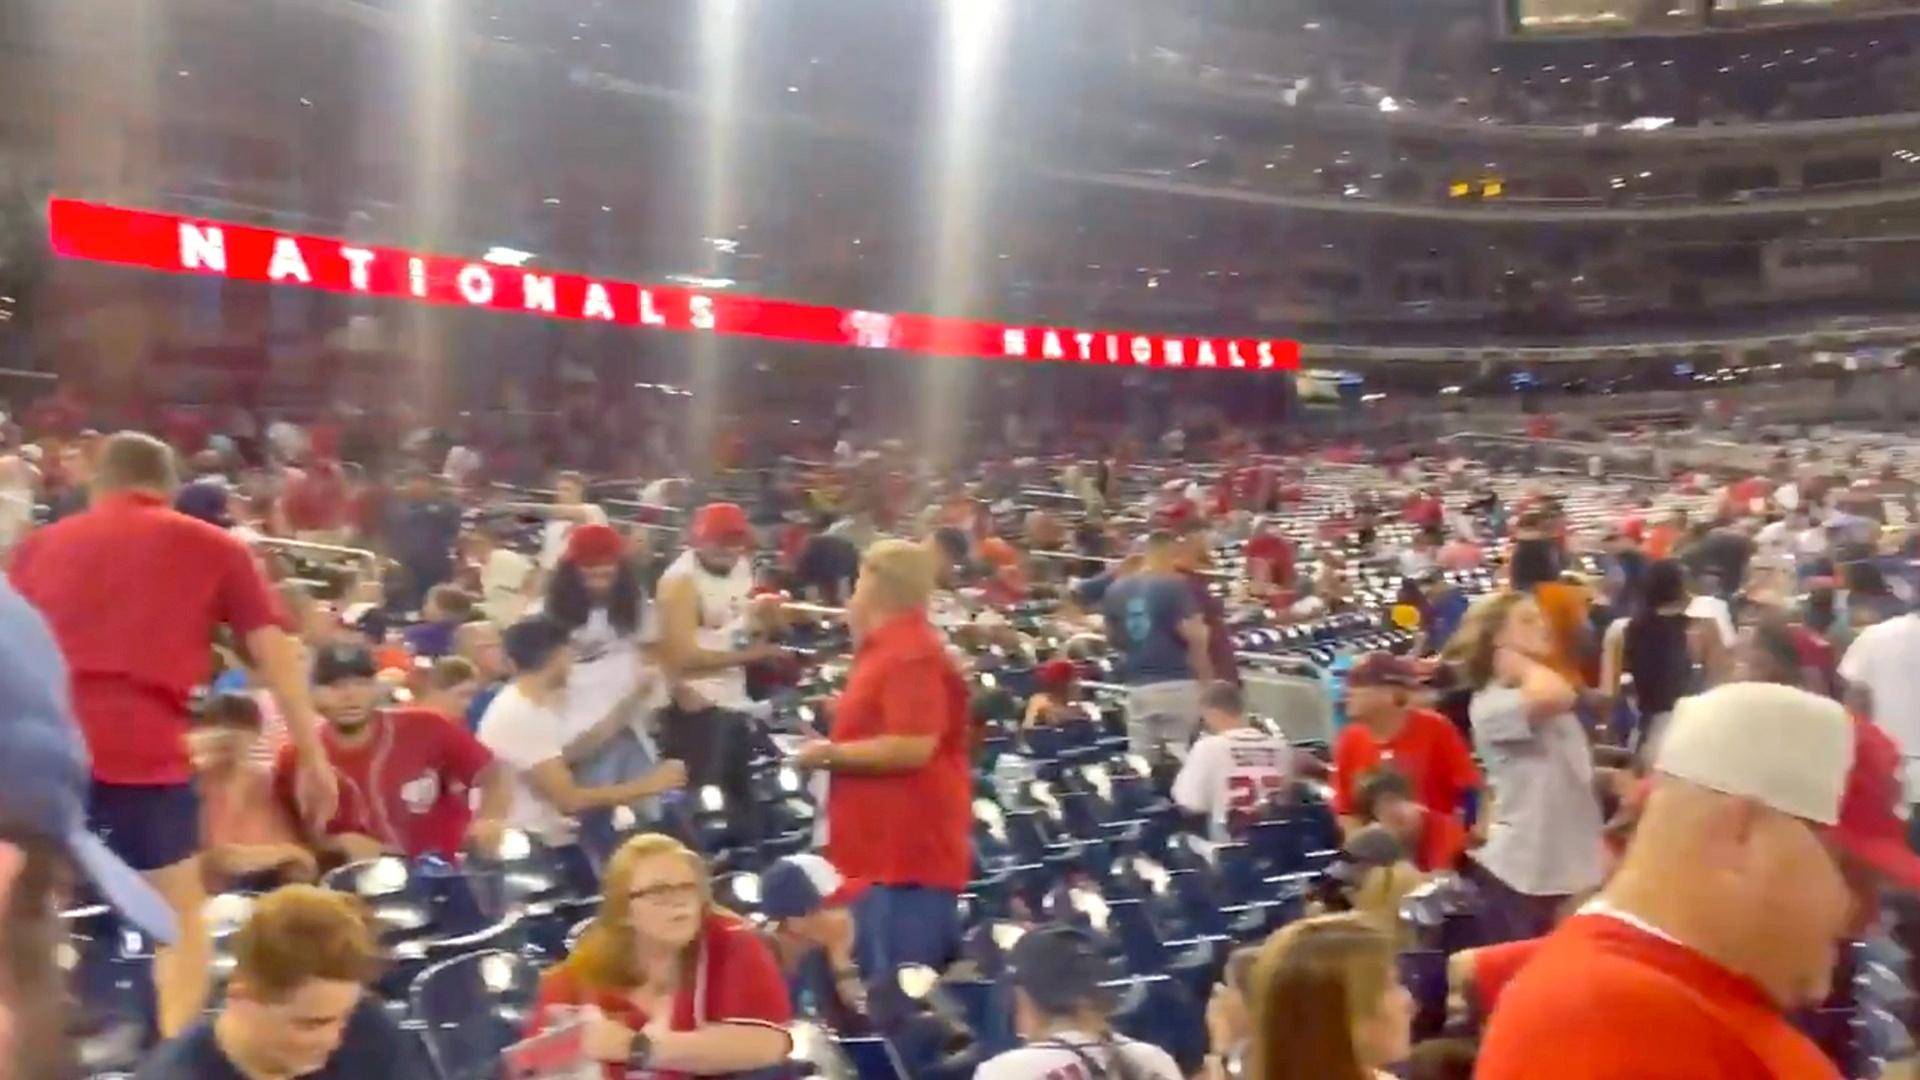 ΗΠΑ: Πυροβολισμοί έξω από γήπεδο μπέιζμπολ στην Ουάσινγκτον – 3 τραυματίες